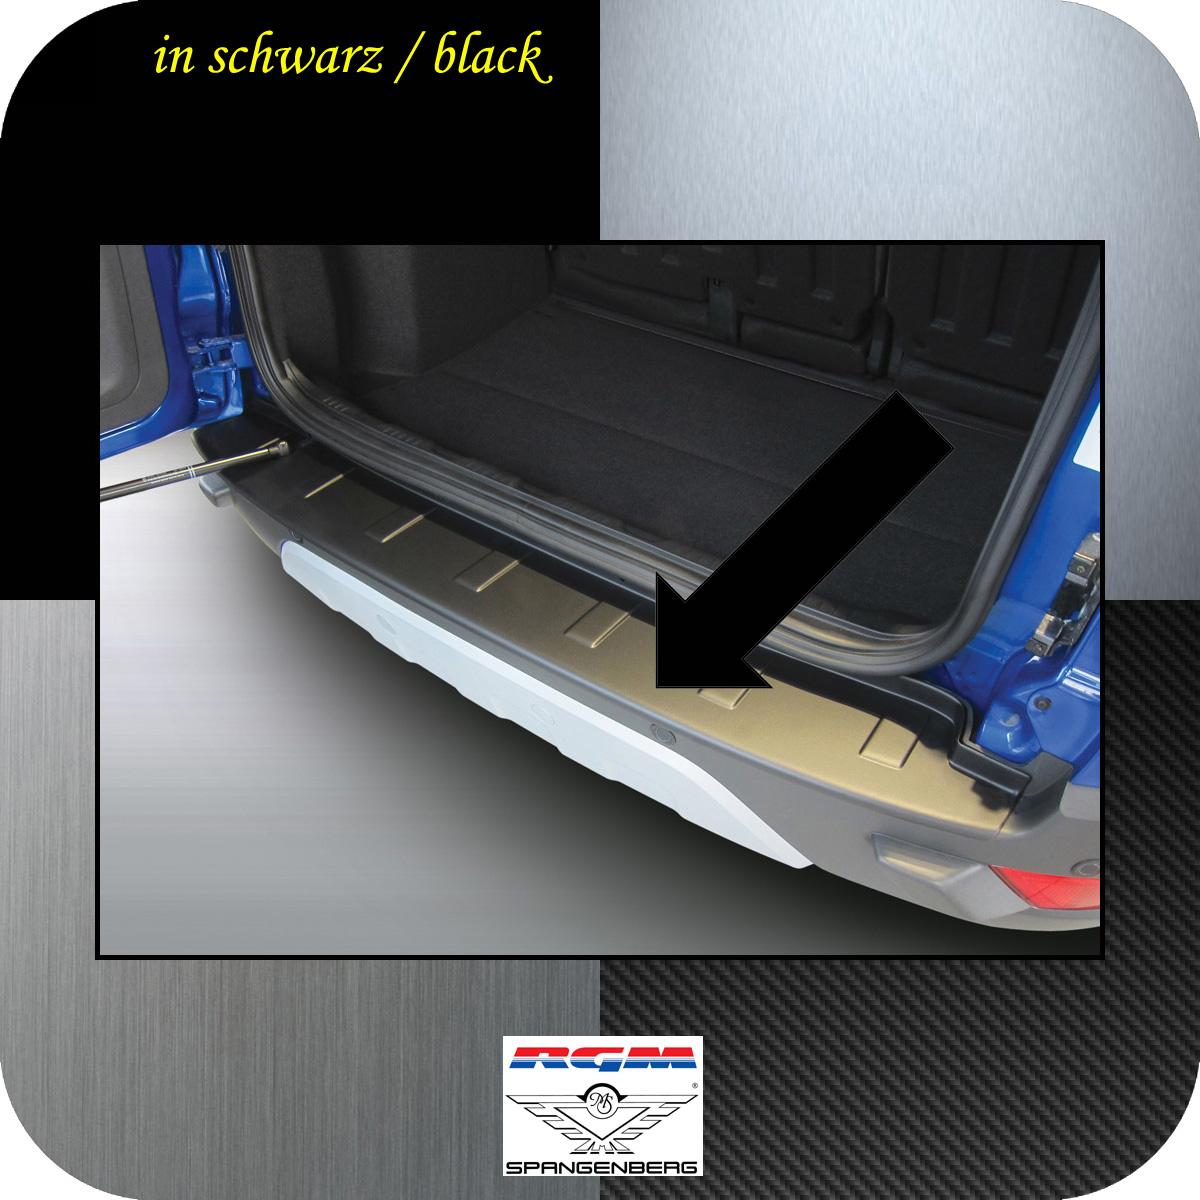 Ladekantenschutz schwarz Ford EcoSport SUV Kombi vor Mopf 2012-17 3500814